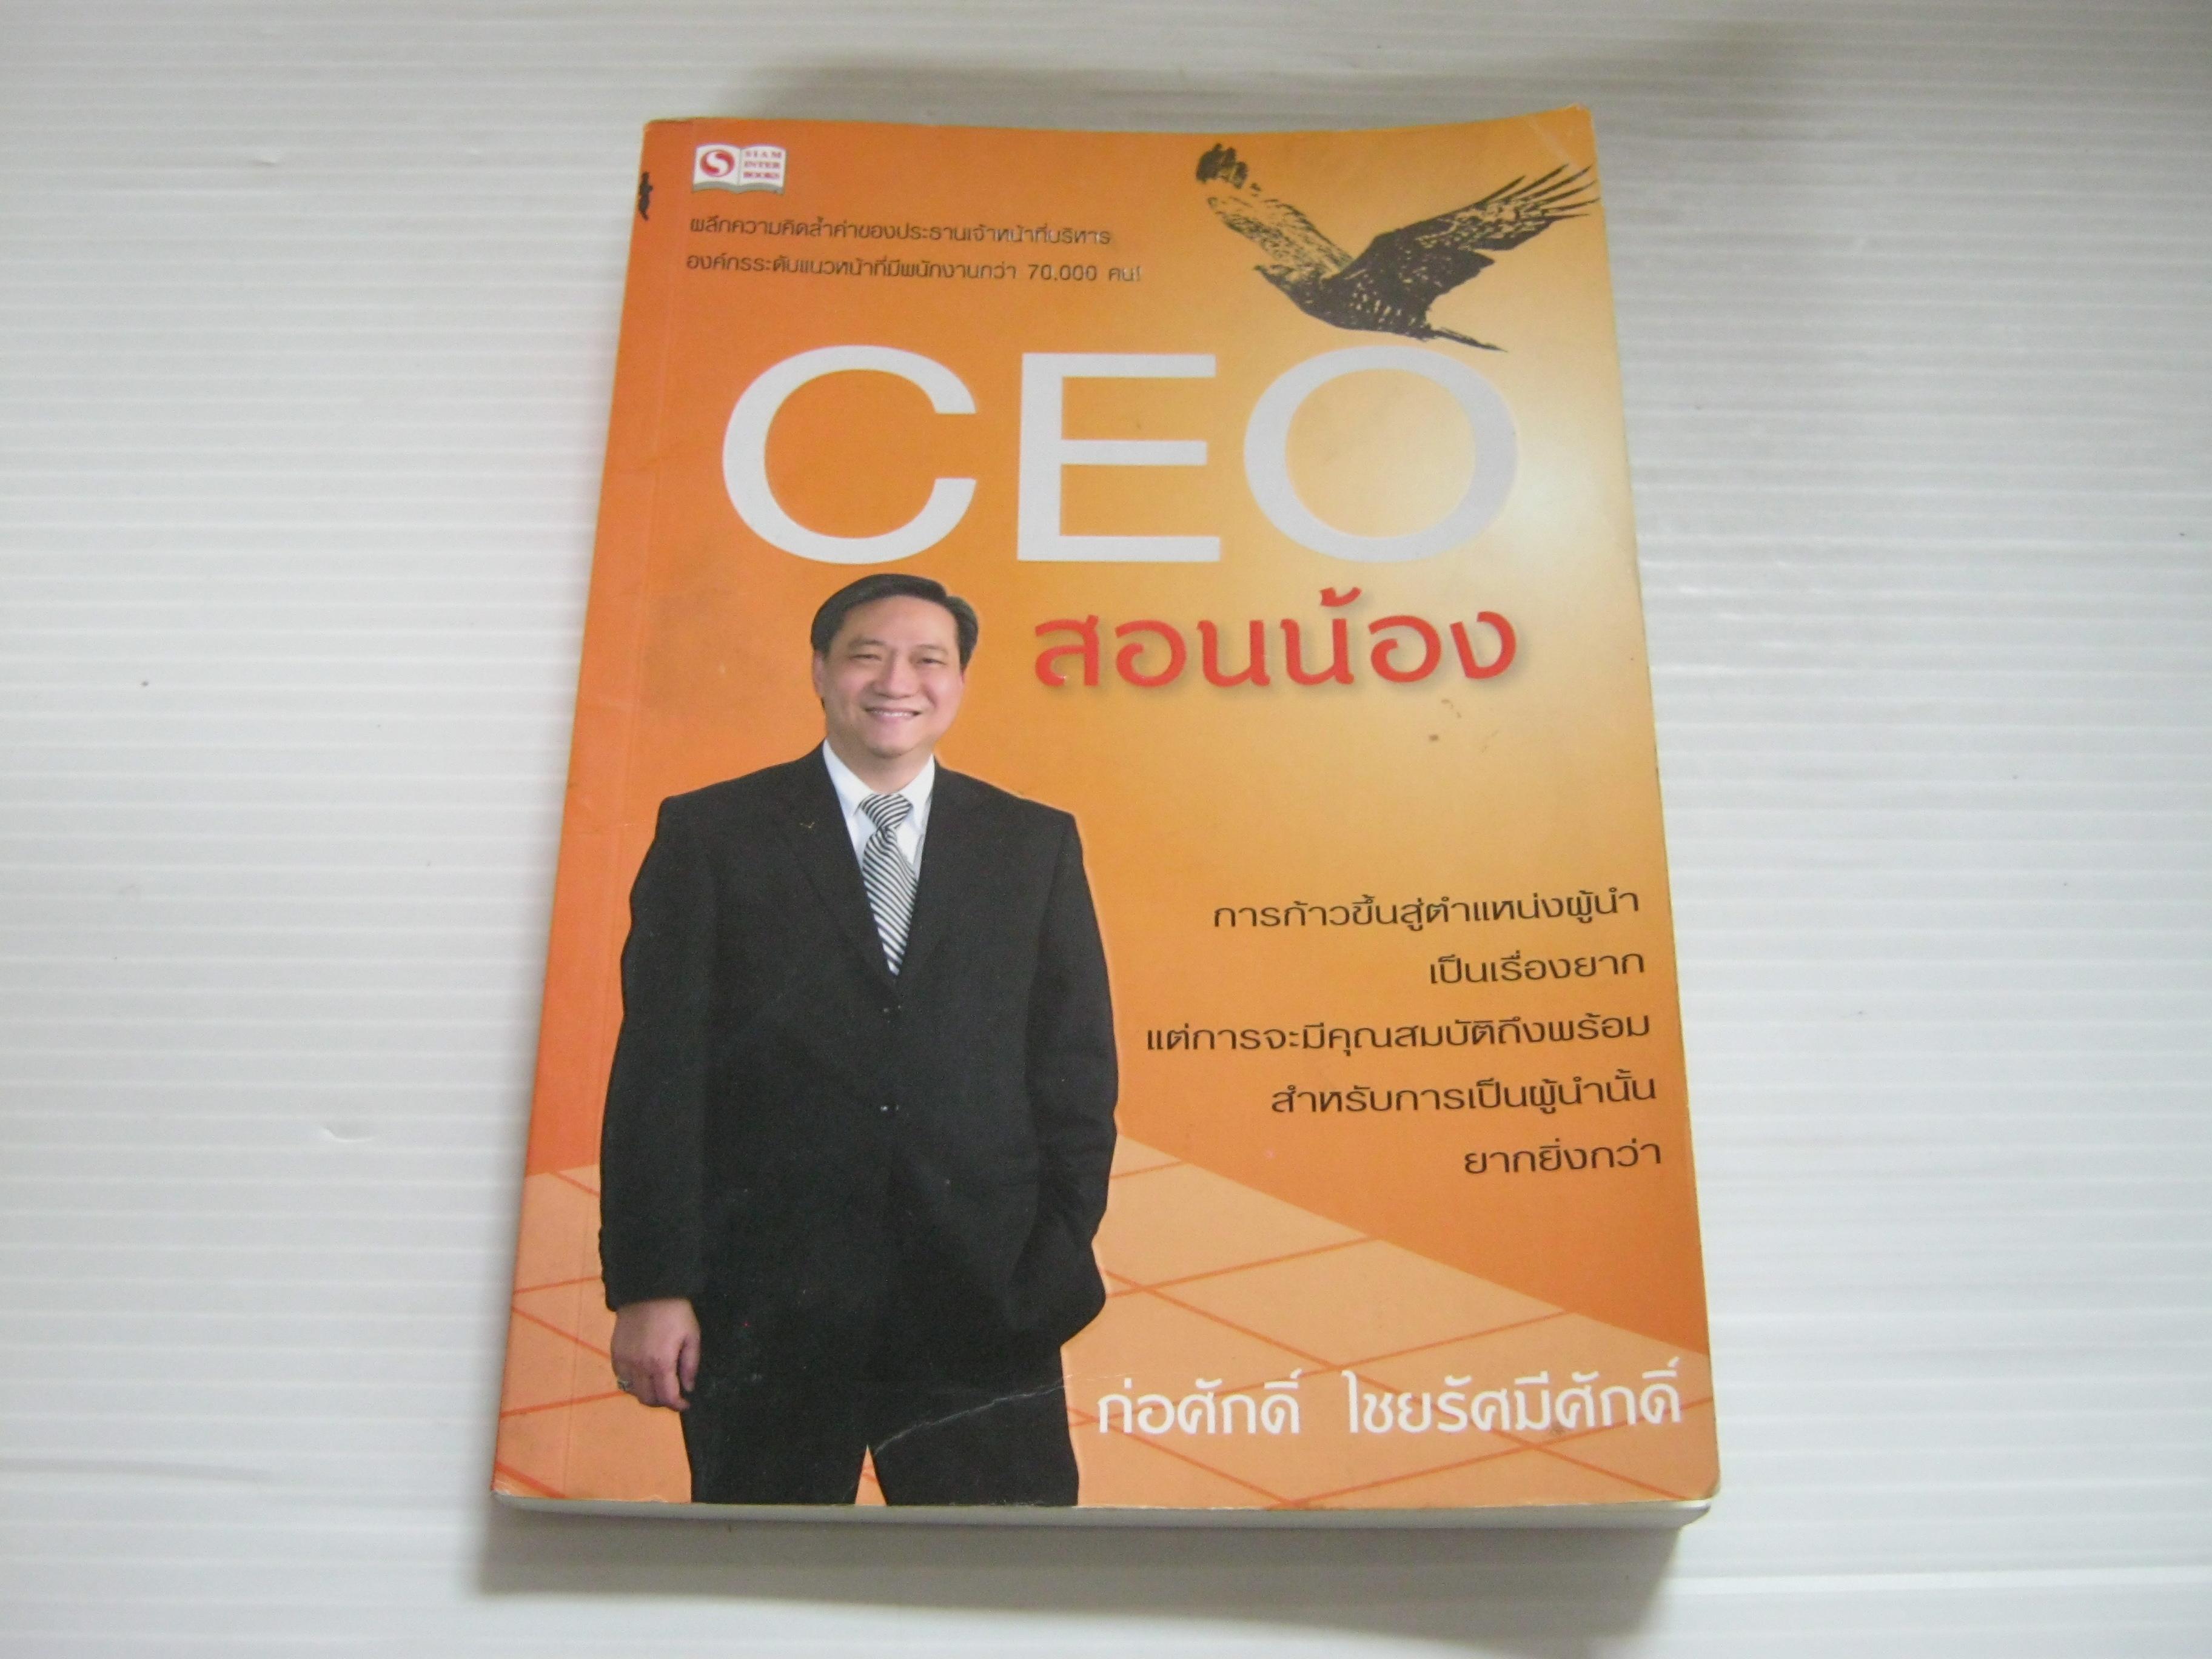 CEO สอนน้อง ก่อศักดิ์ ไชยรัศมีศักดิ์ เขียน